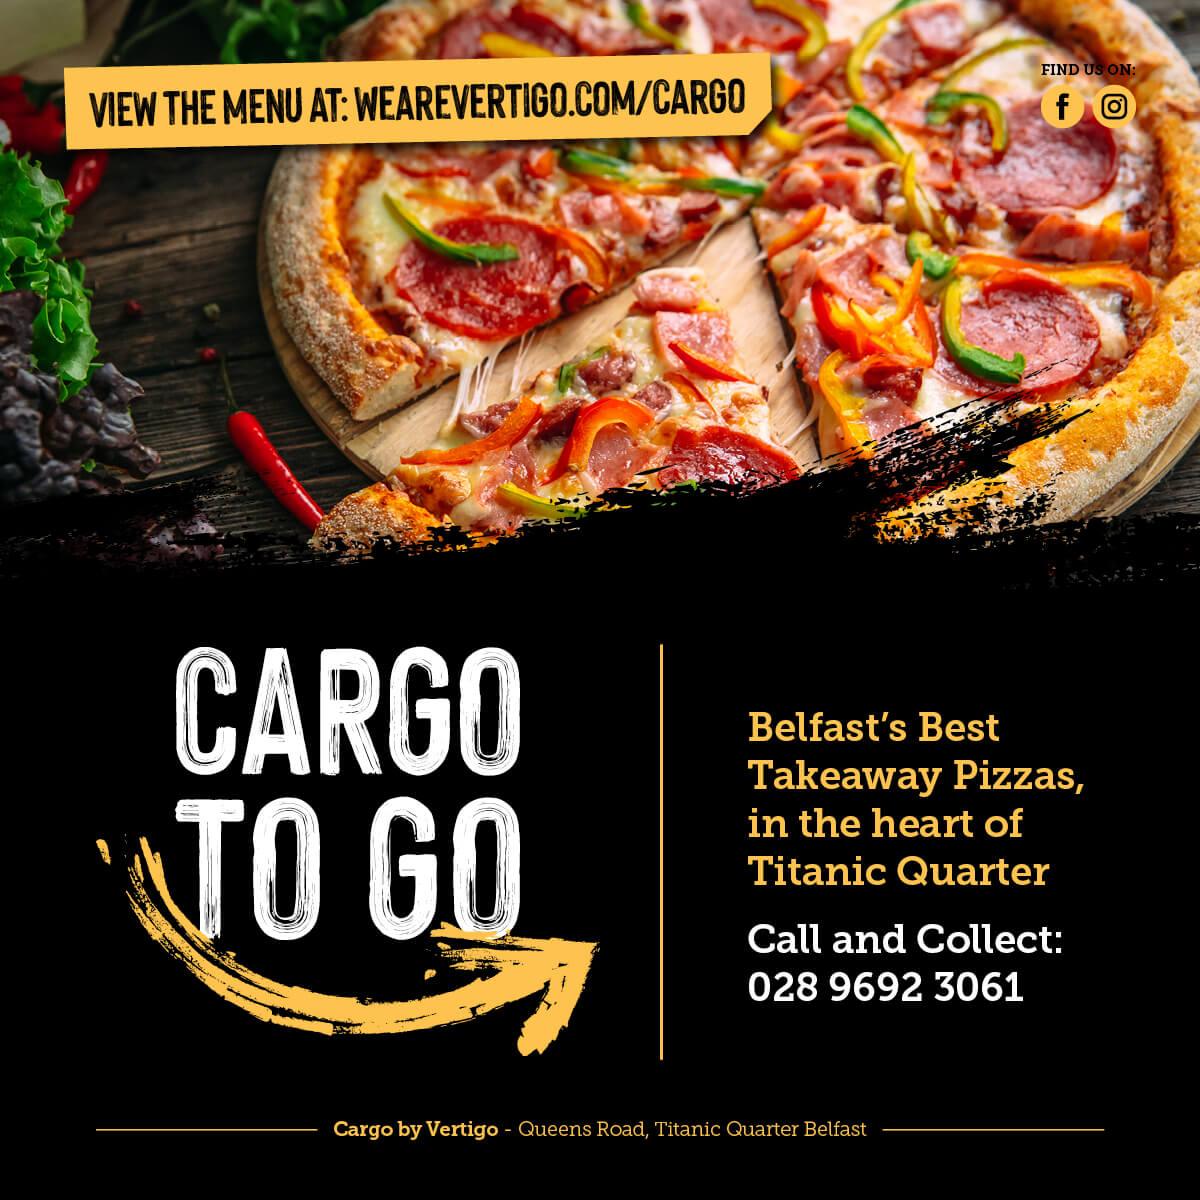 Cargo to go takeaway